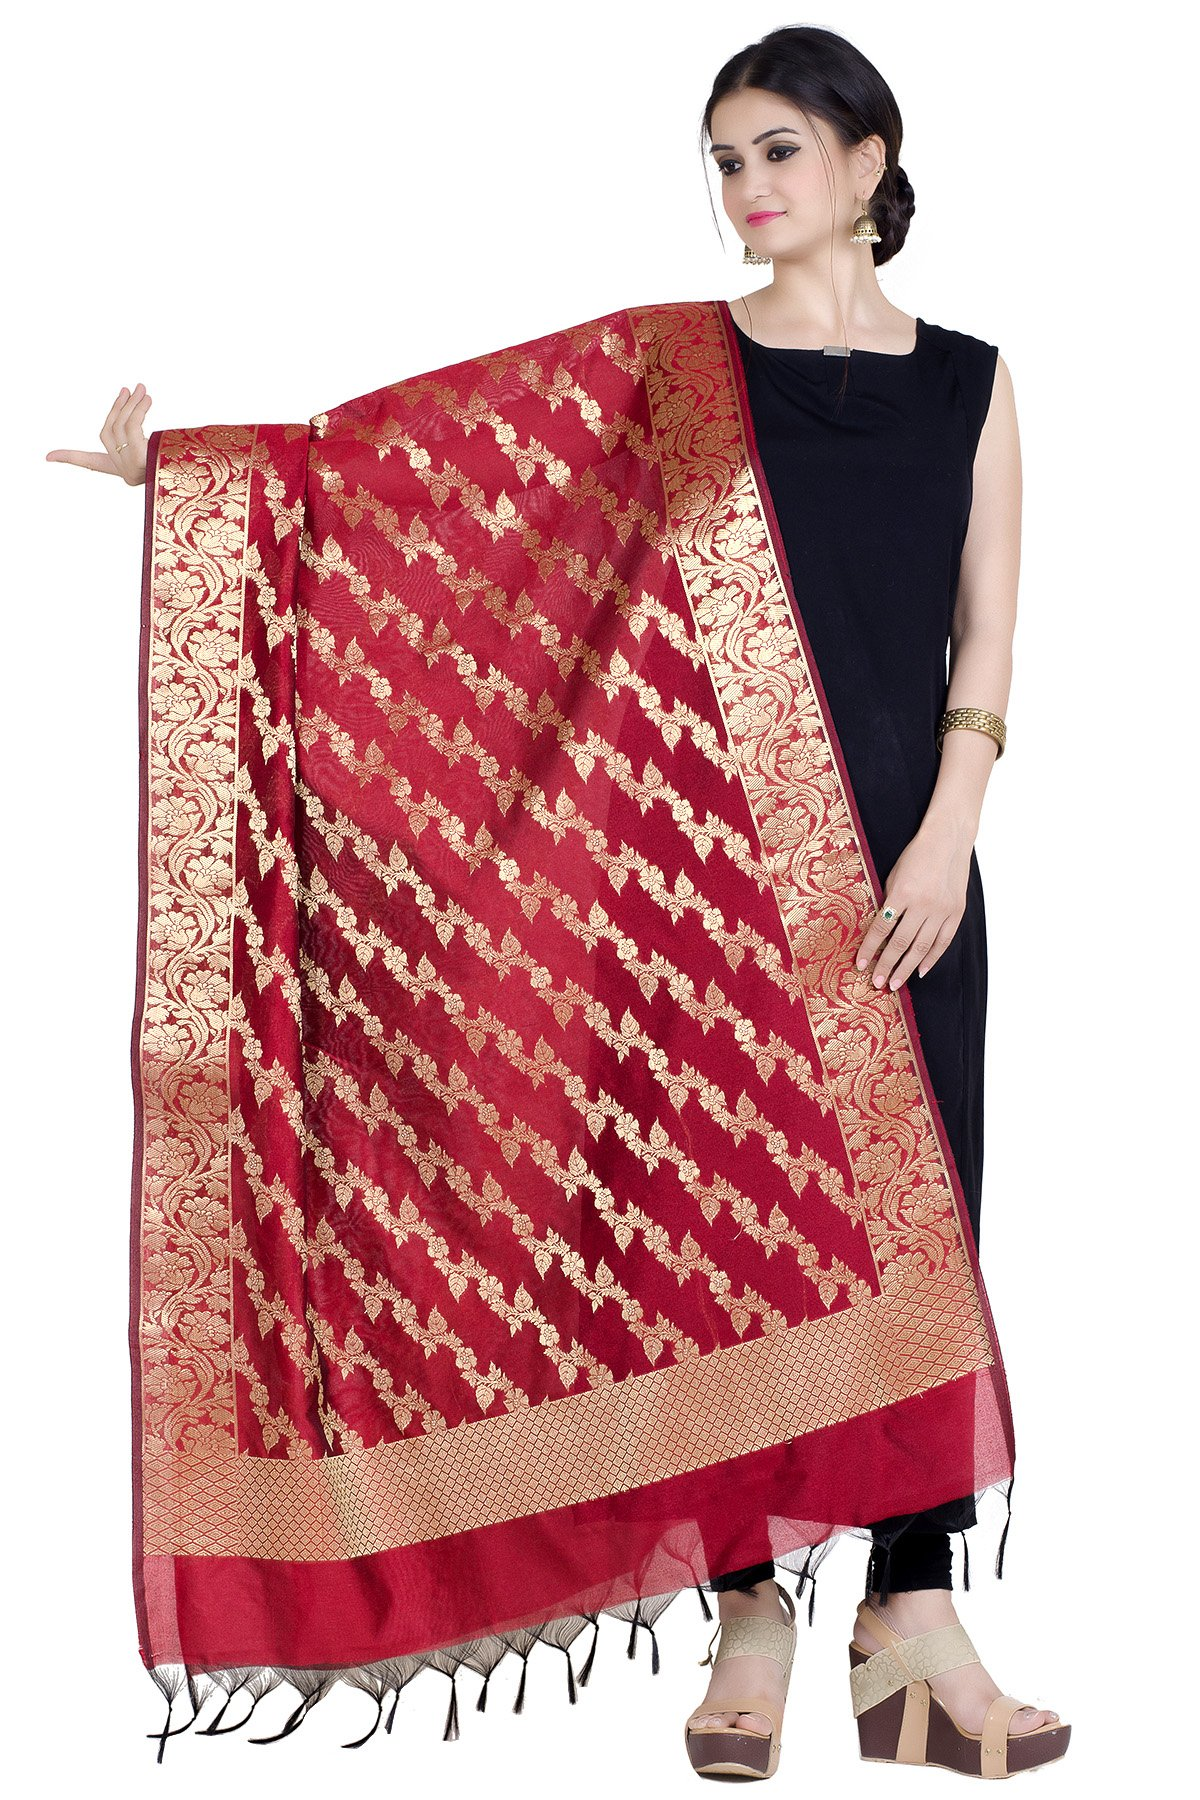 Chandrakala Women's Handwoven Zari Work Banarasi Dupatta Stole Scarf (Red)